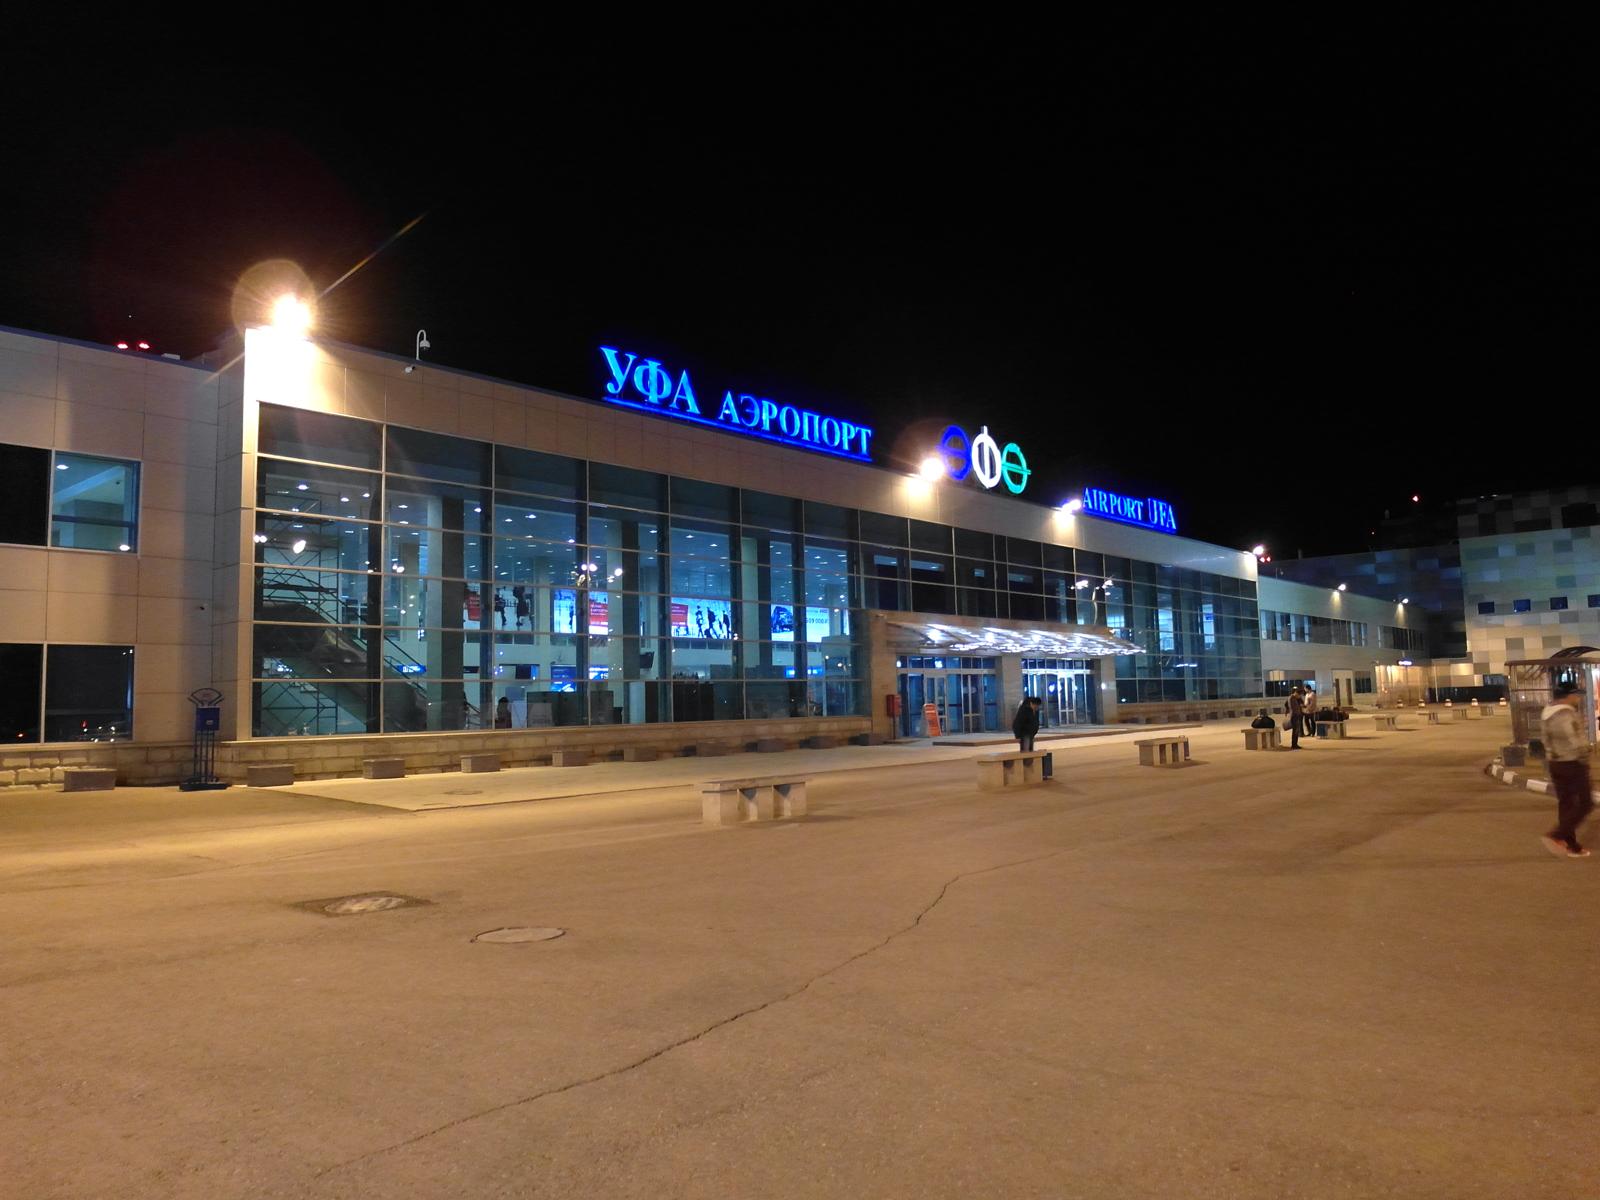 Пассажирский терминал аэропорта Уфа